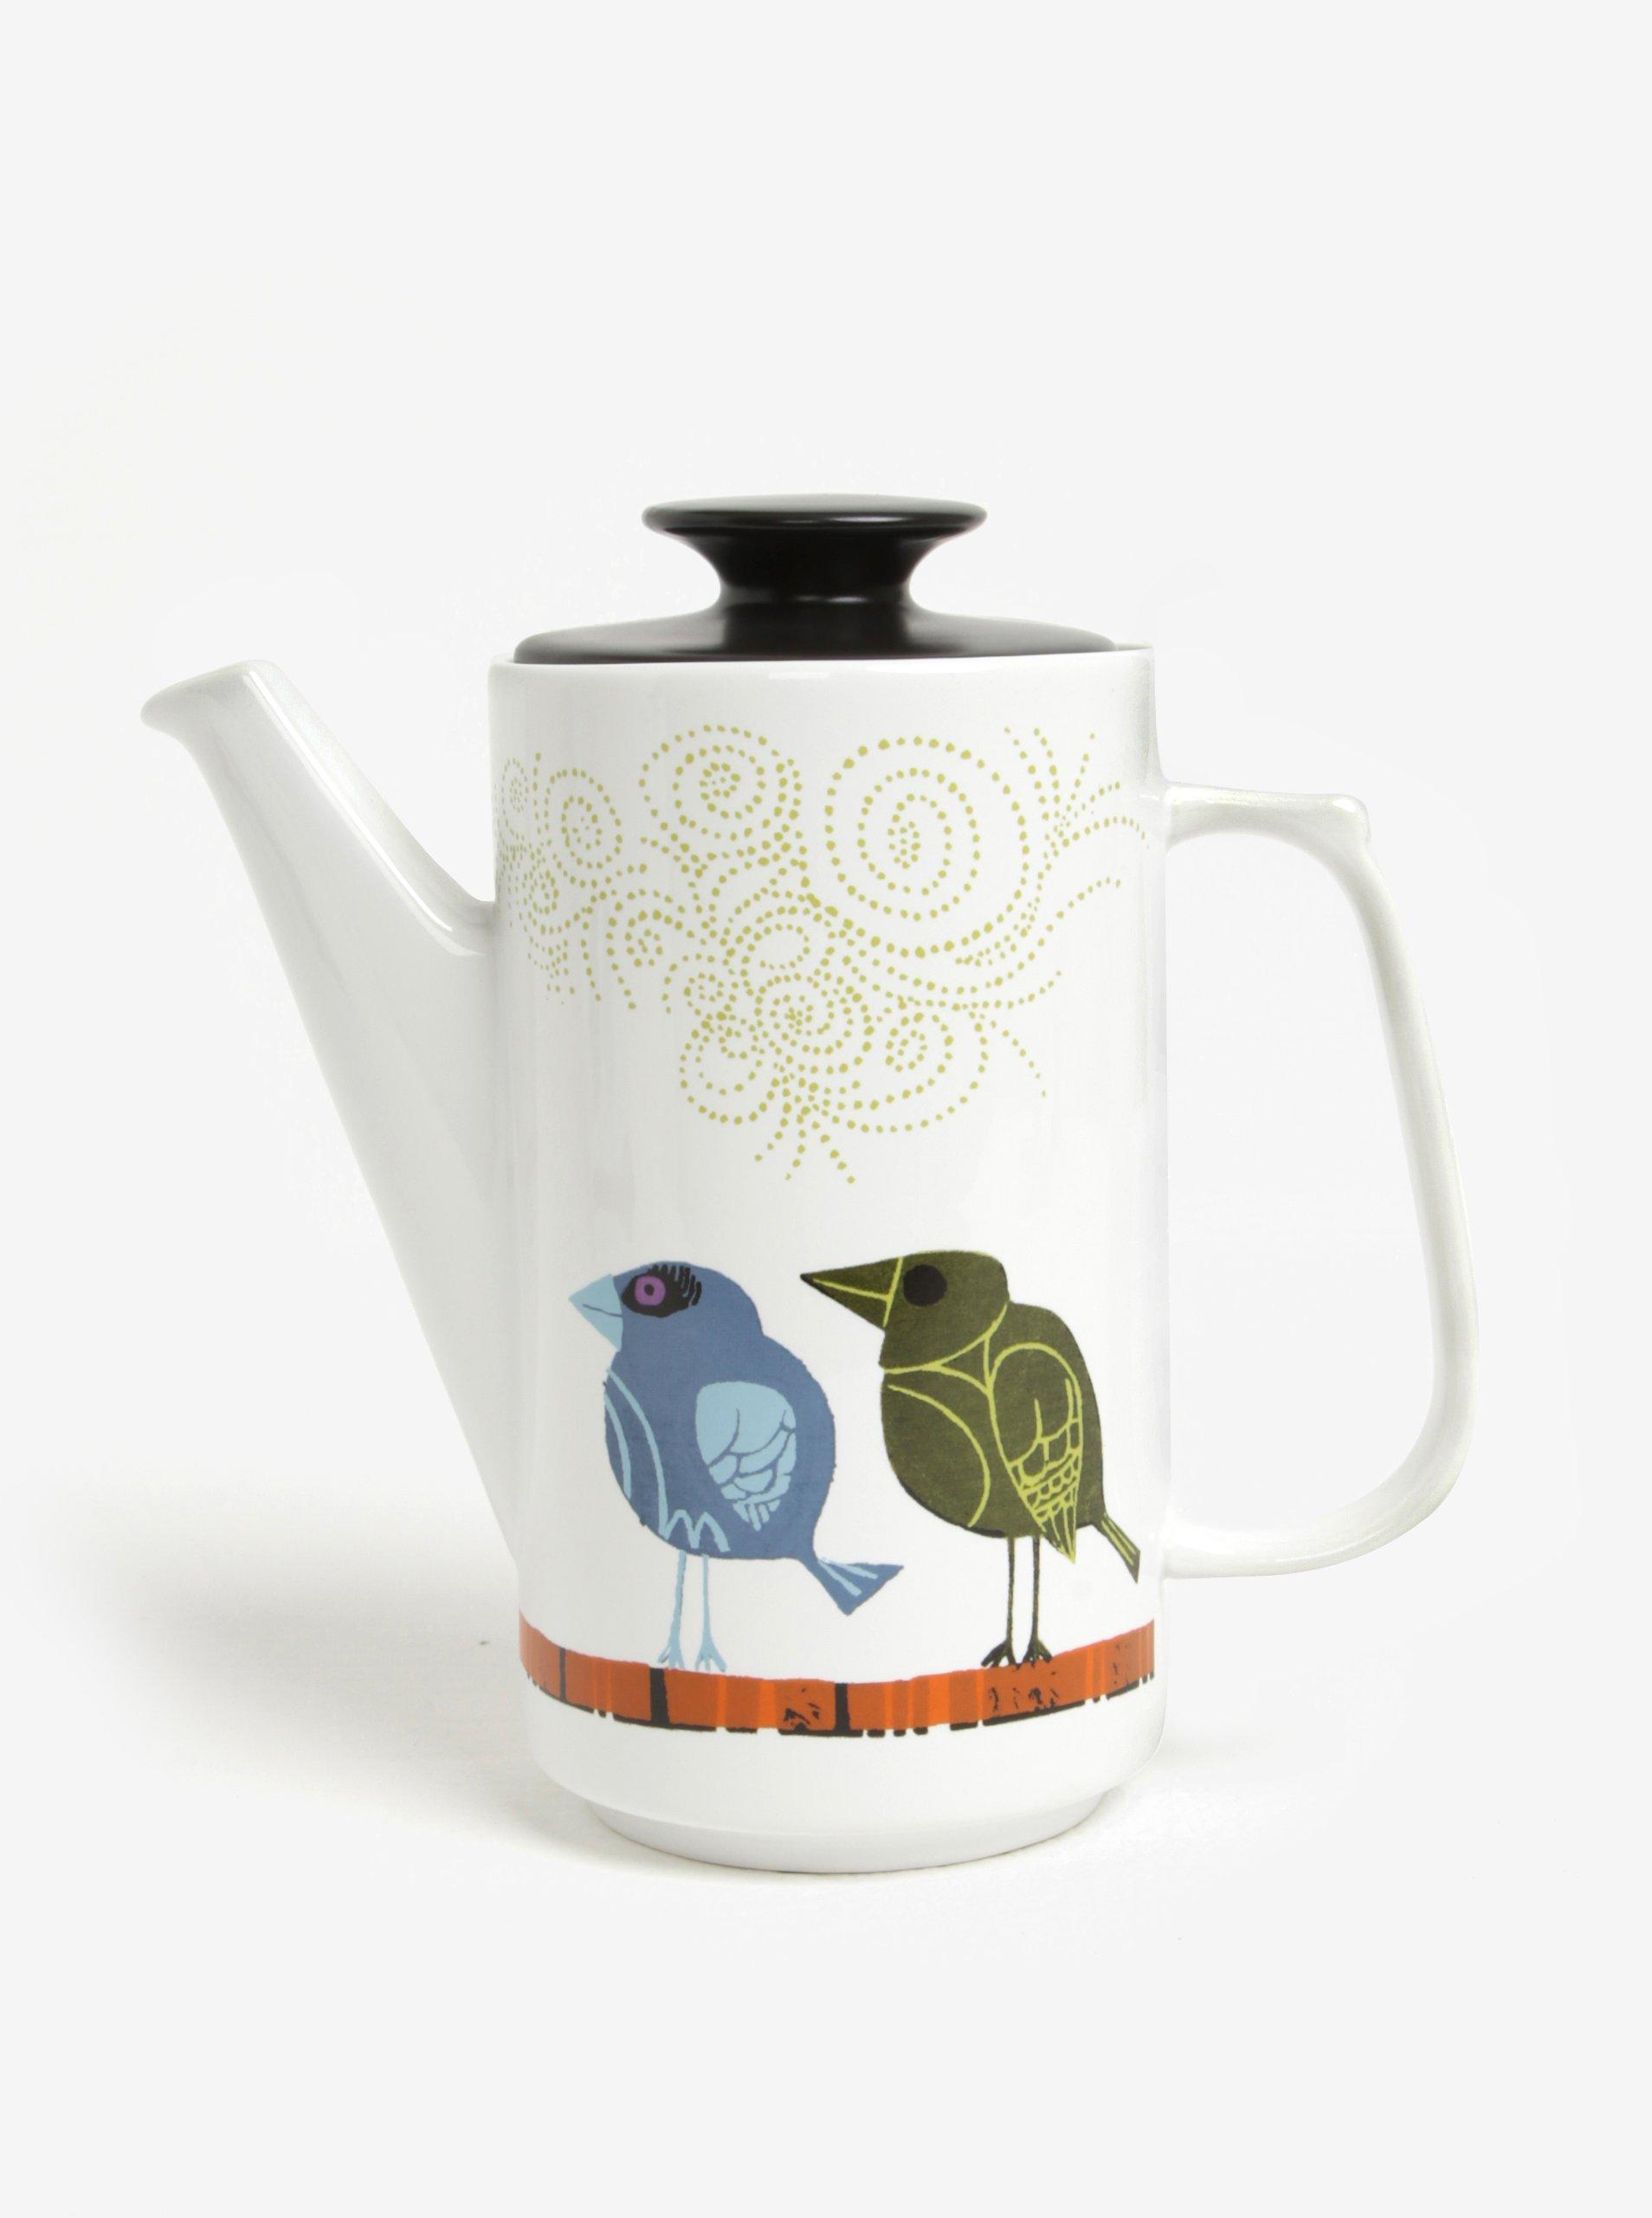 Konvice na kávu s motivem ptačí rodiny Magpie Family of Birds